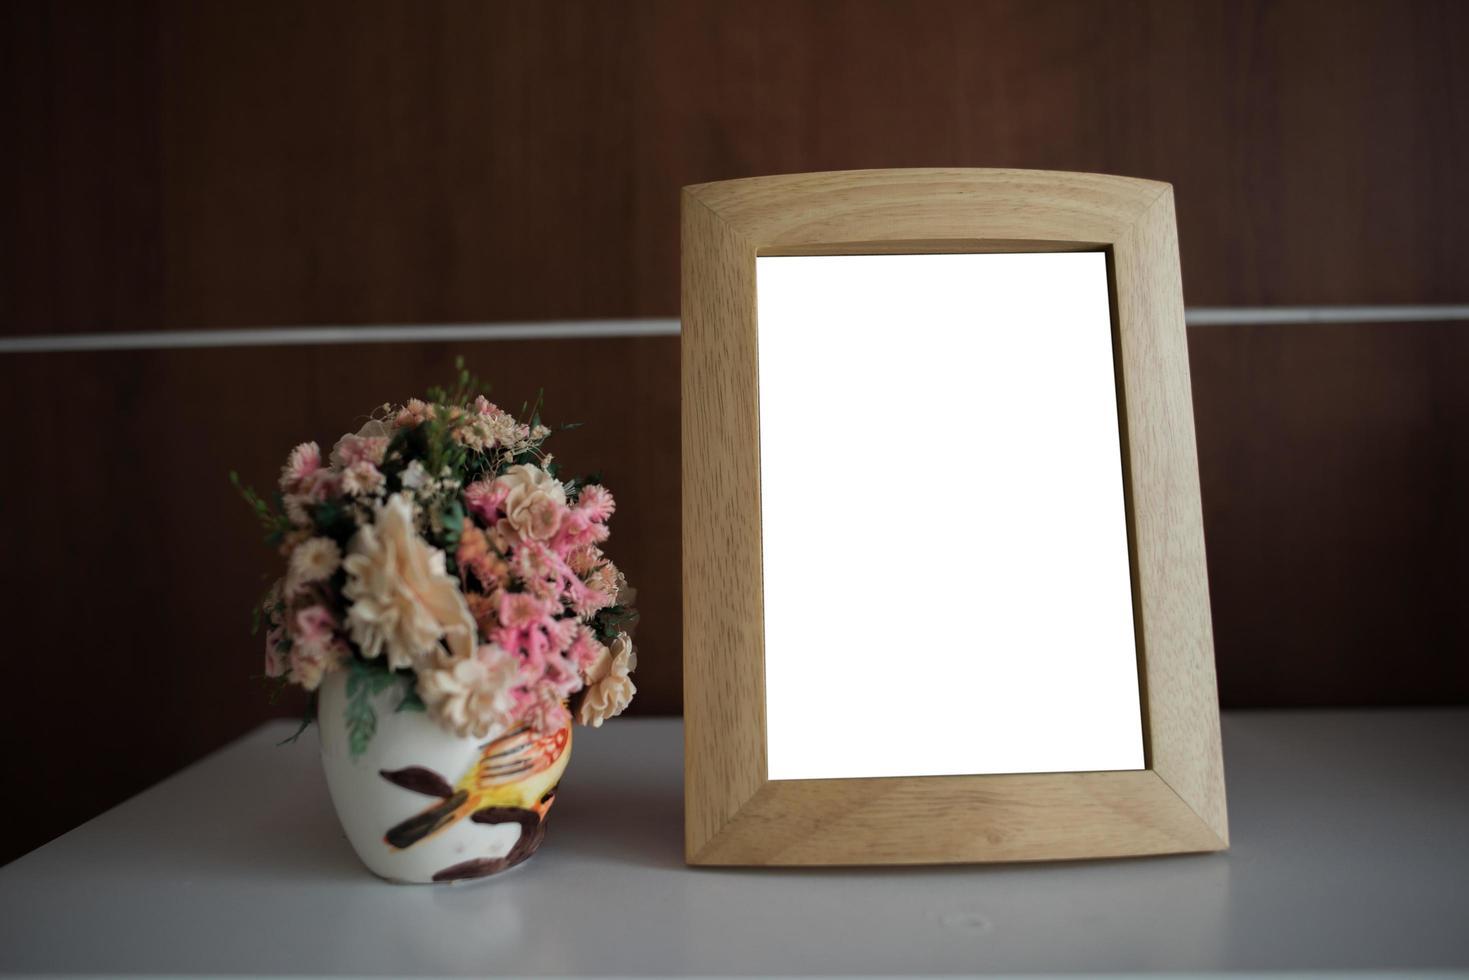 moldura na mesa com espaço de cópia foto